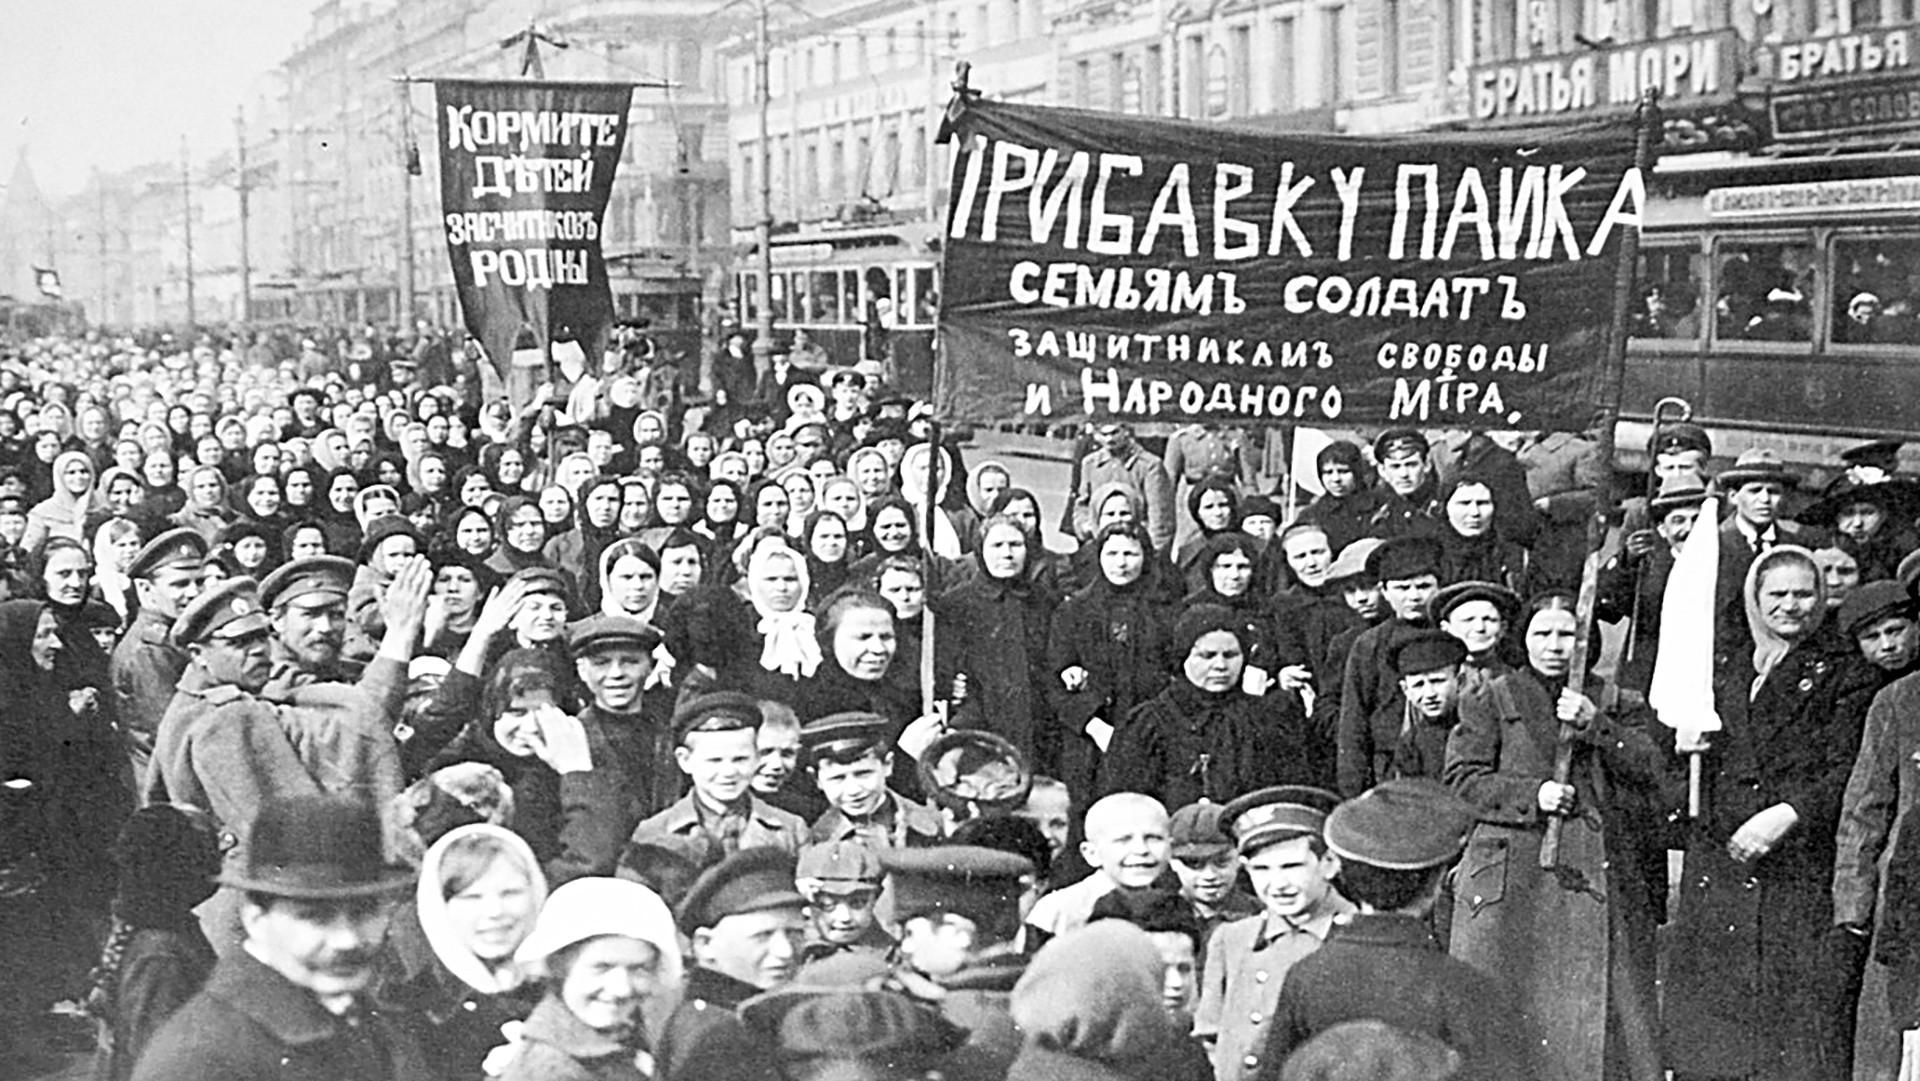 Демонстрација радника у Путиловској фабрици у Петрограду. Државни музеј политичке историје Русије.